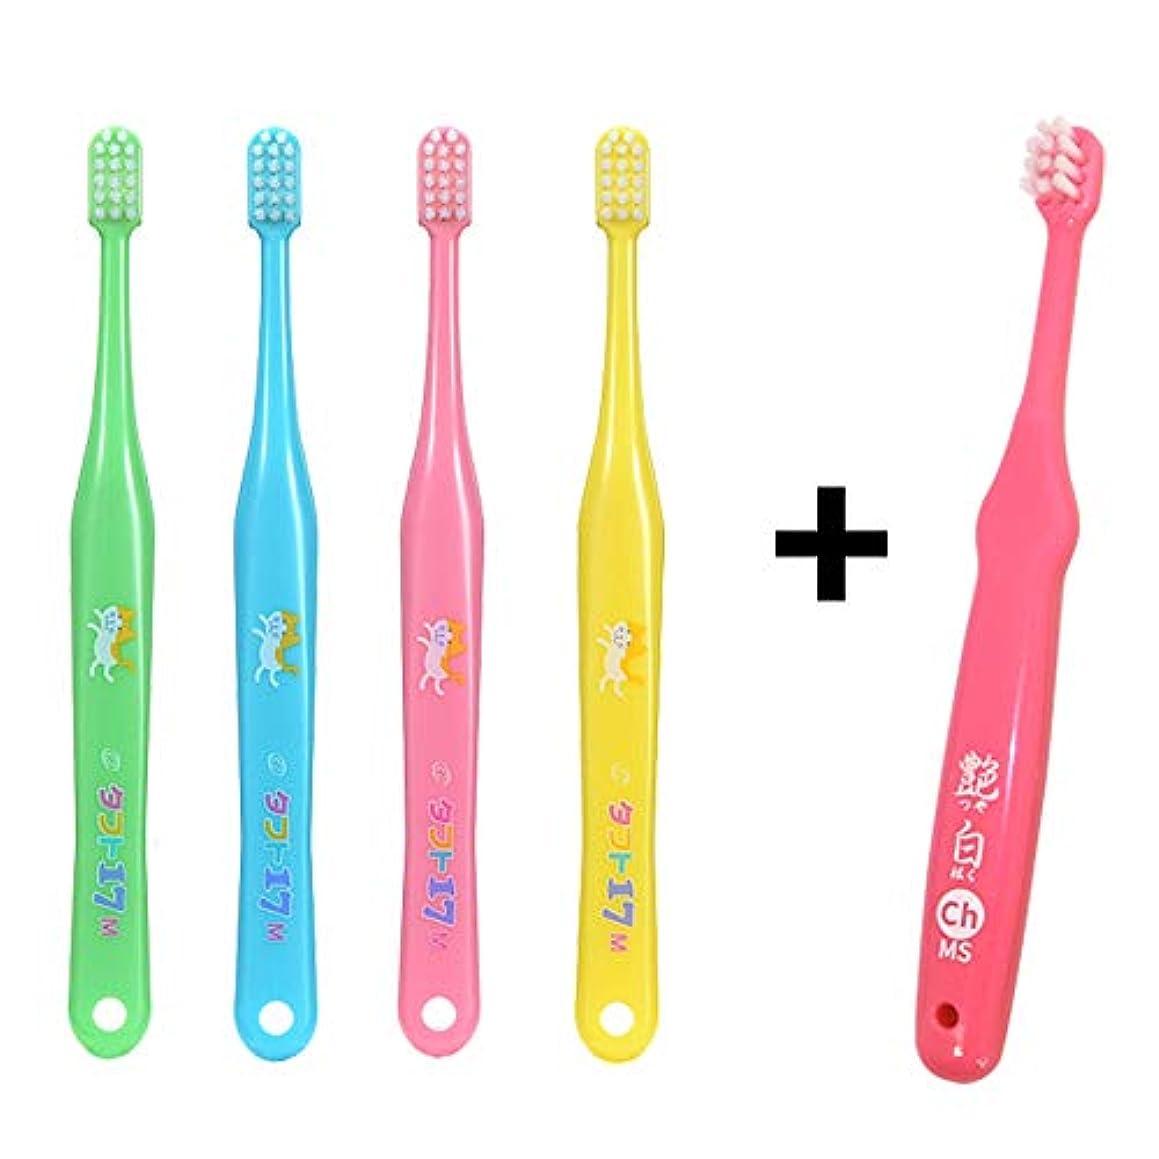 パイント行動リークタフト17 M 歯ブラシ×10本 + 艶白(つやはく) Ch チャイルド ハブラシ×1本 MS(やややわらかめ) 日本製 歯科専売品